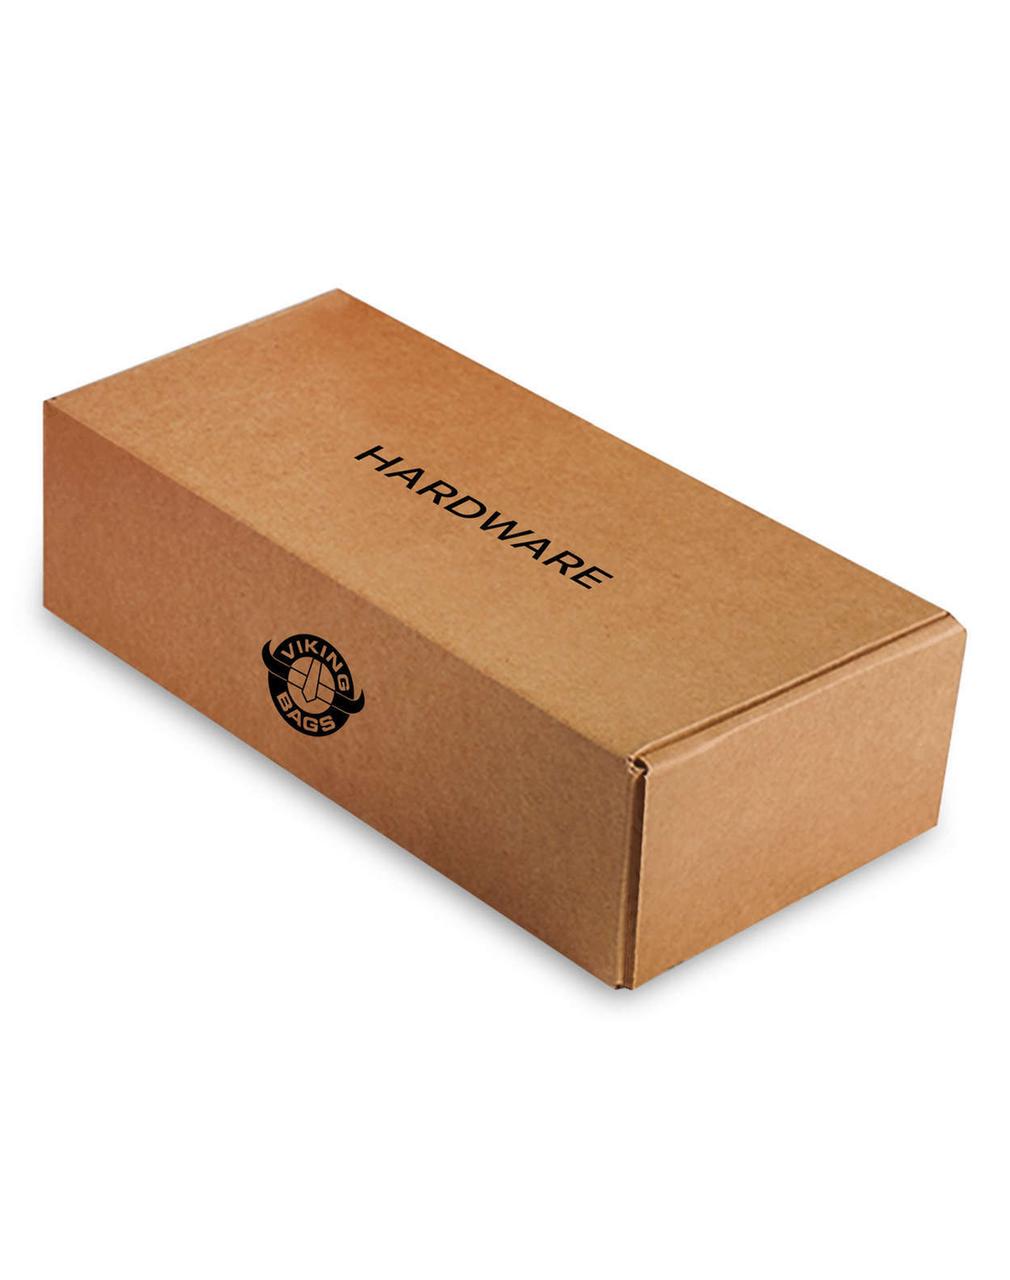 Honda 750 Shadow Aero Viking Raven Medium Leather Motorcycle Saddlebags Hardware Box